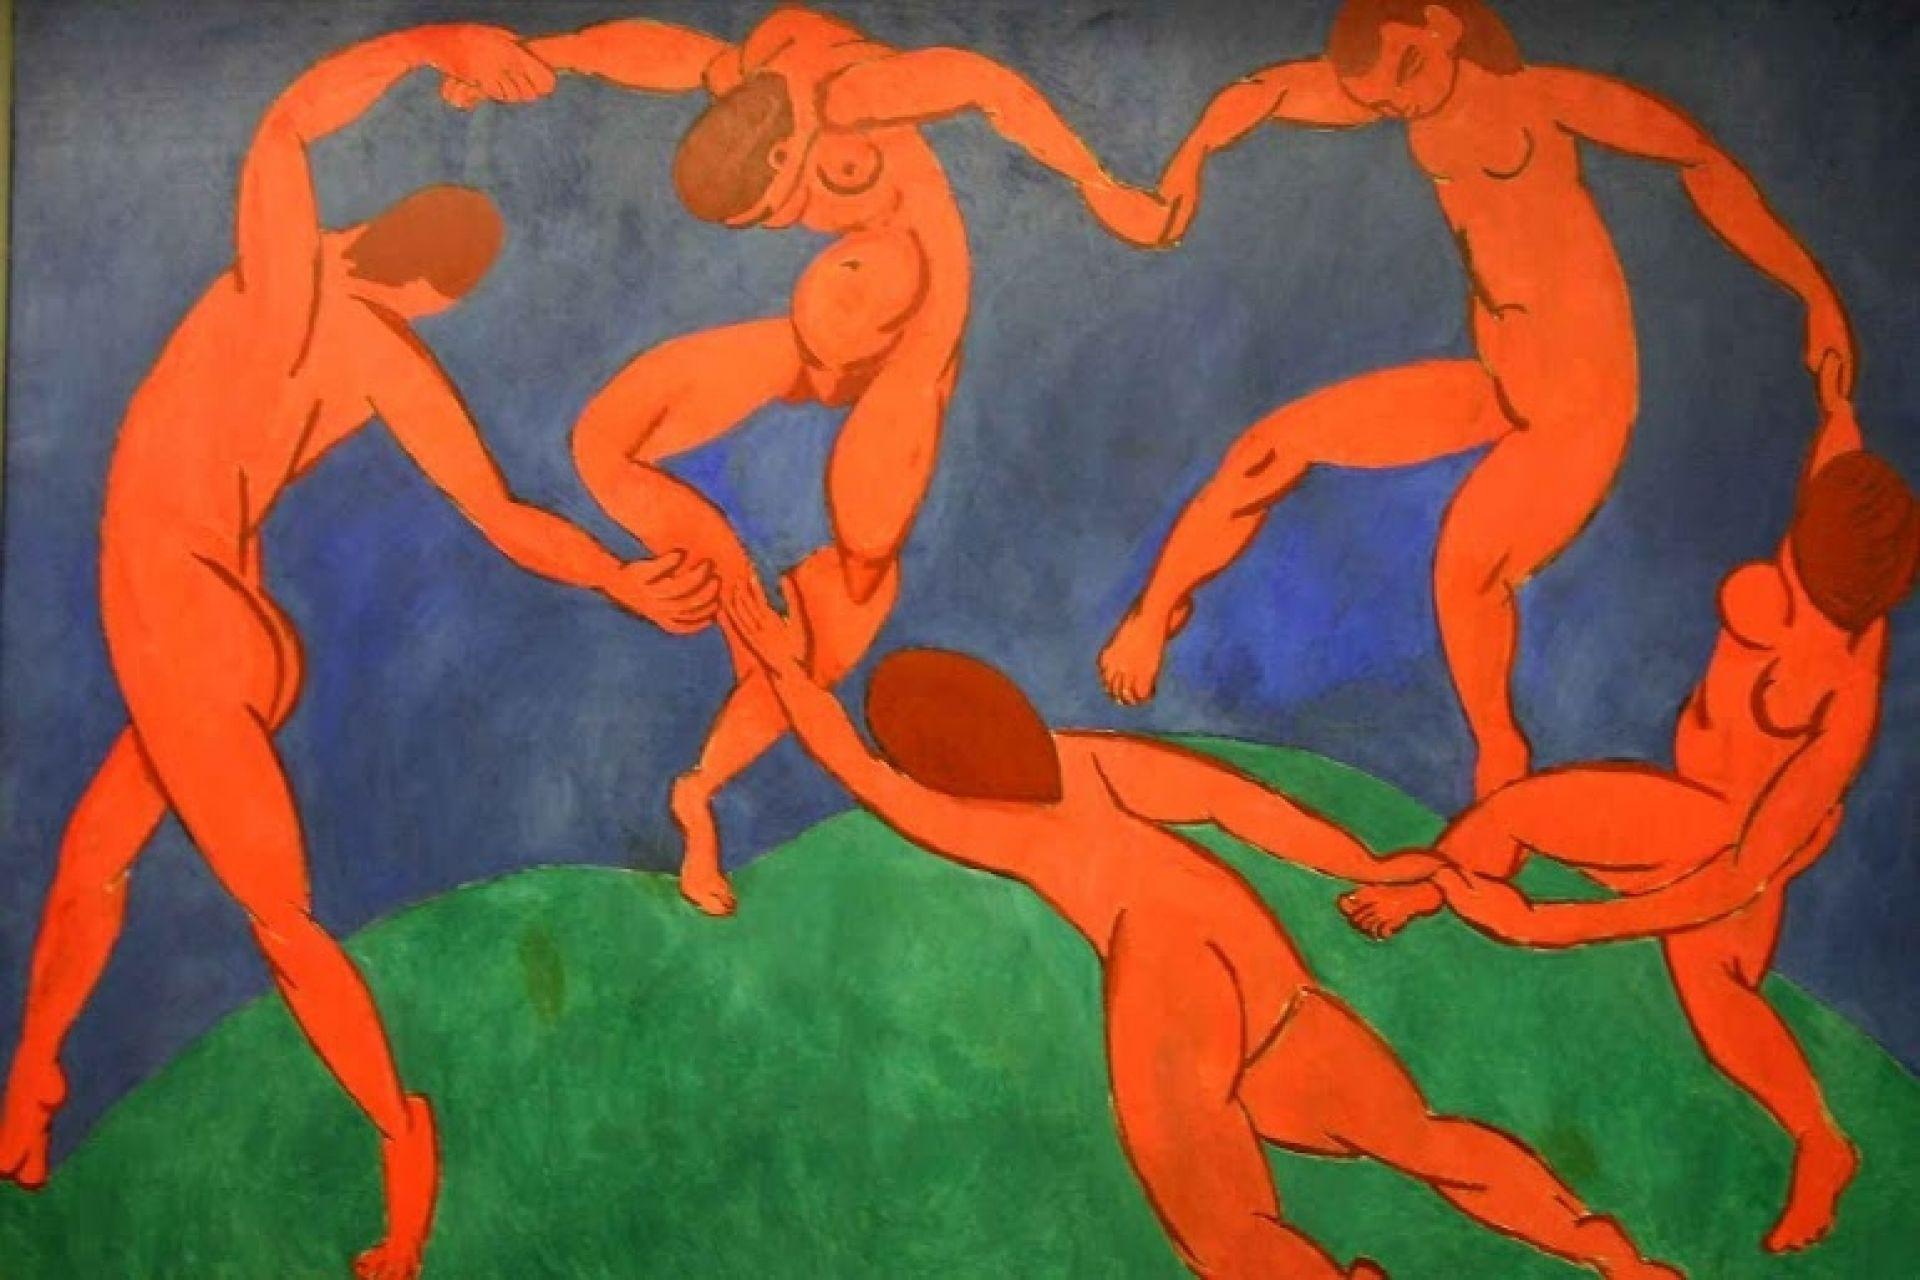 Matisse in mostra  un caso esemplare di orientalismo Credits  La Danza -  Henri Matisse. La mostra f4ea5331097e